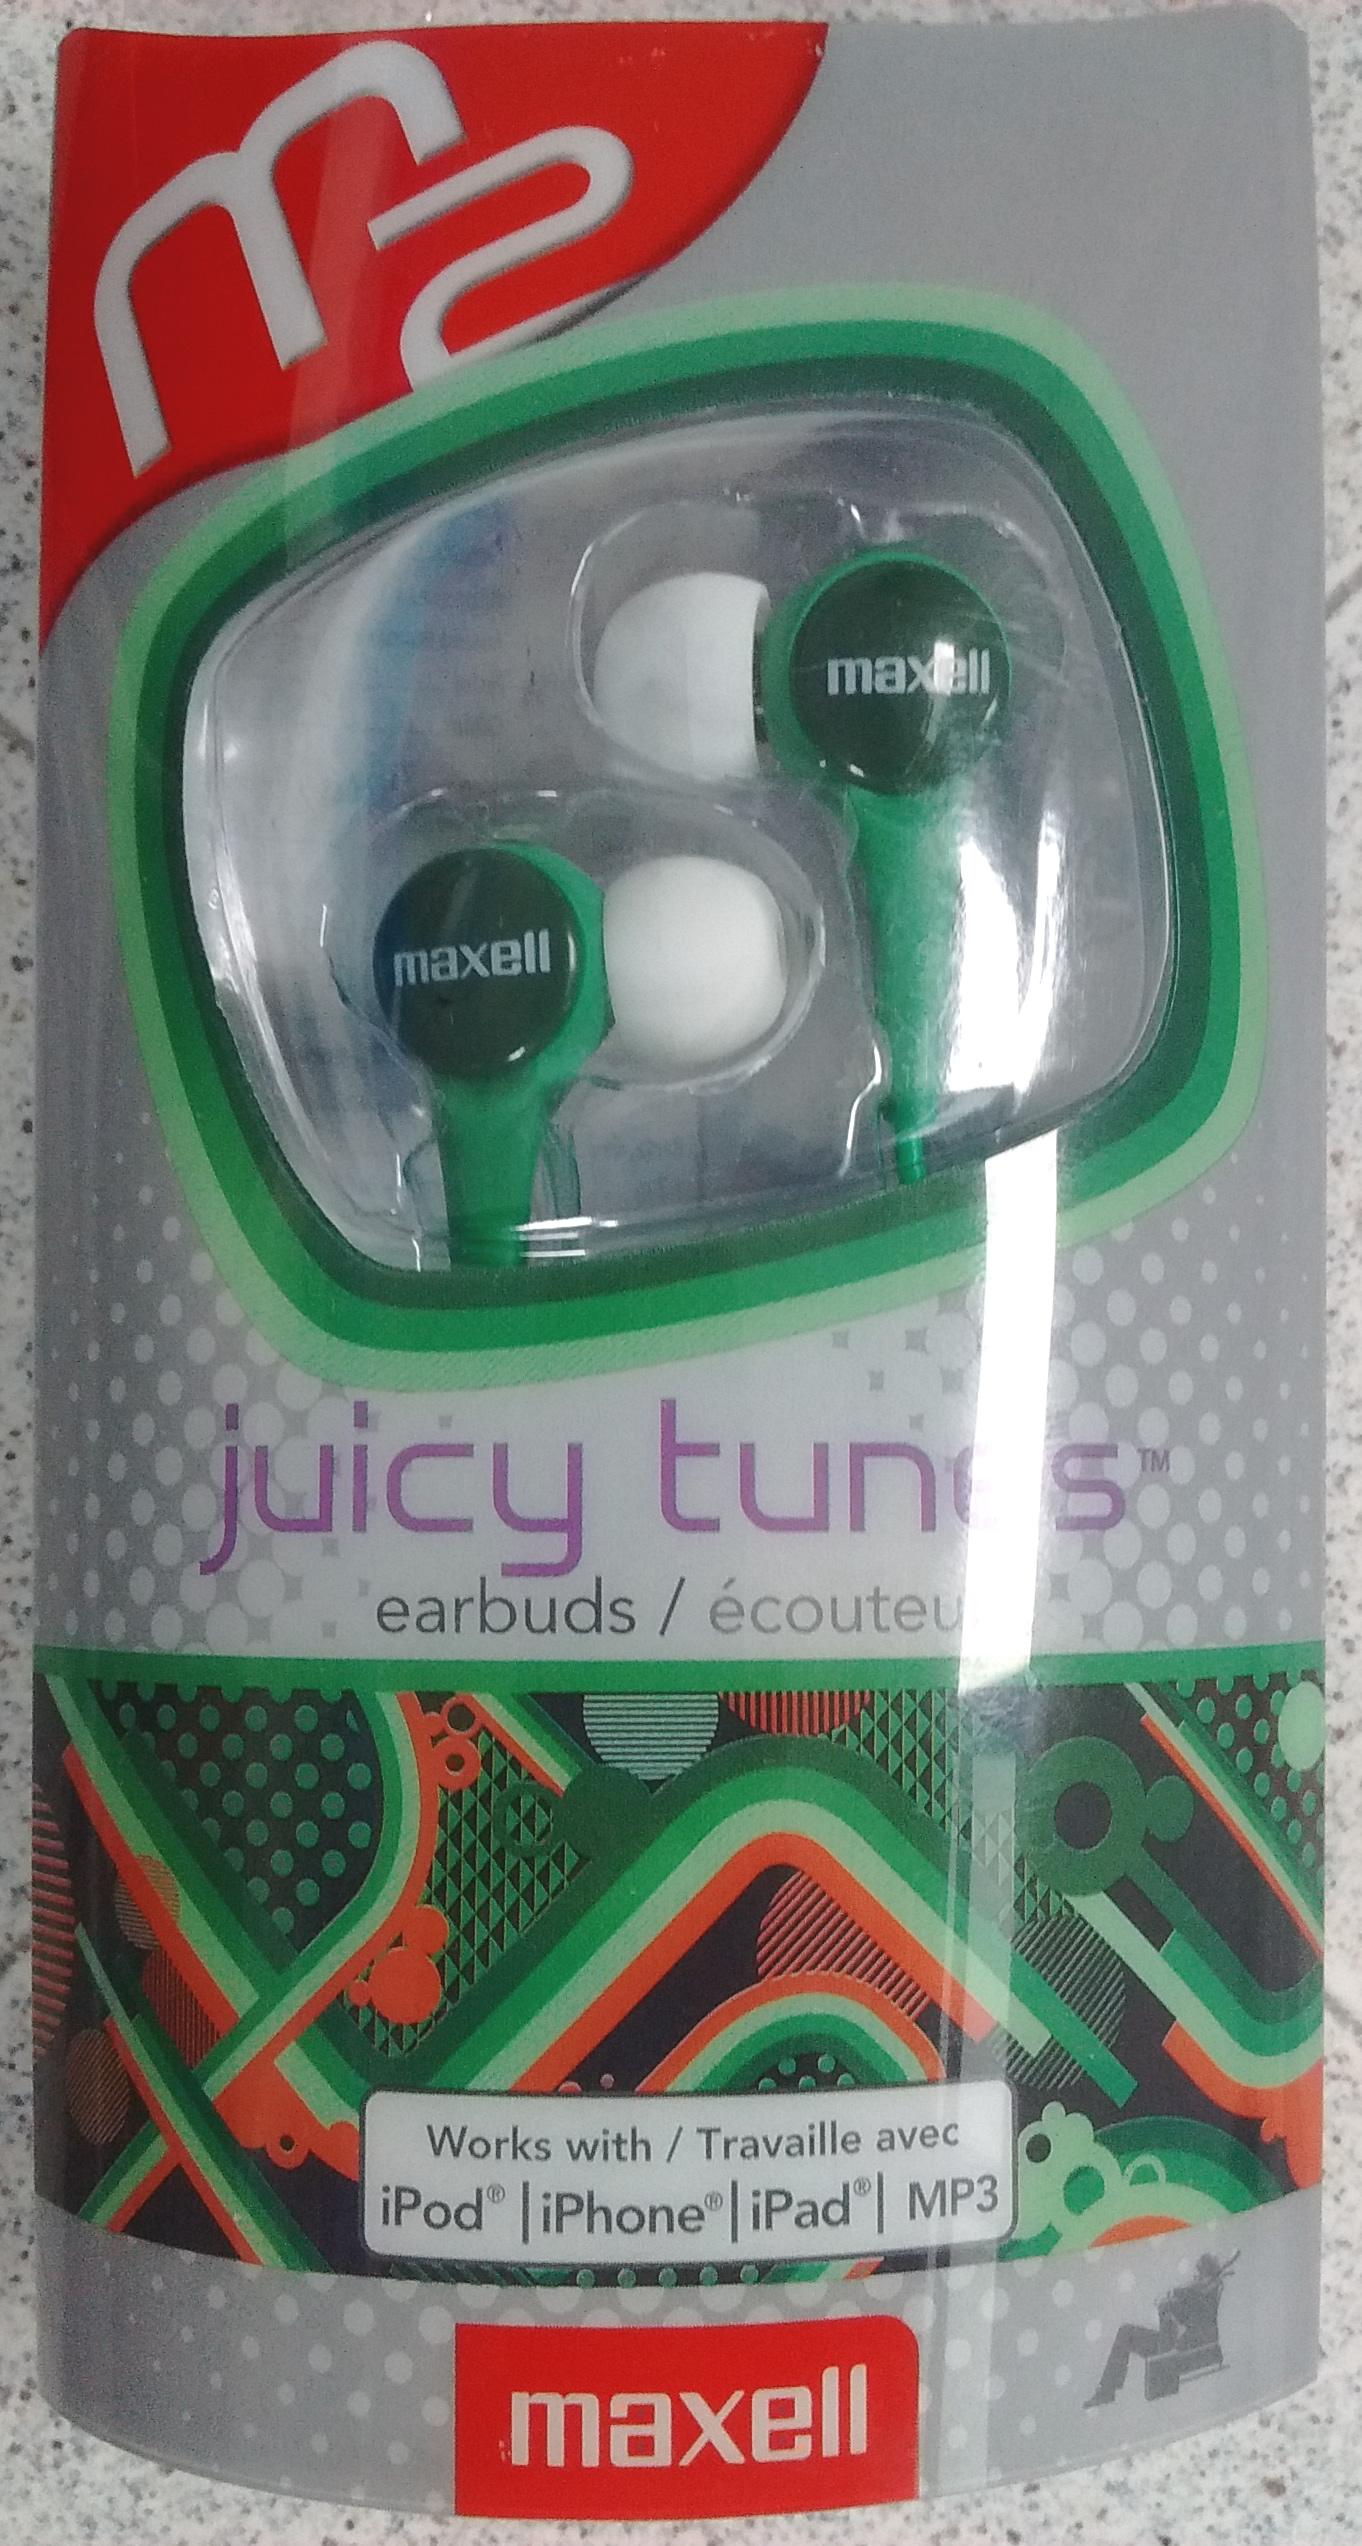 Walmart Toltecas: Audífonos Maxell Juicy Tunes